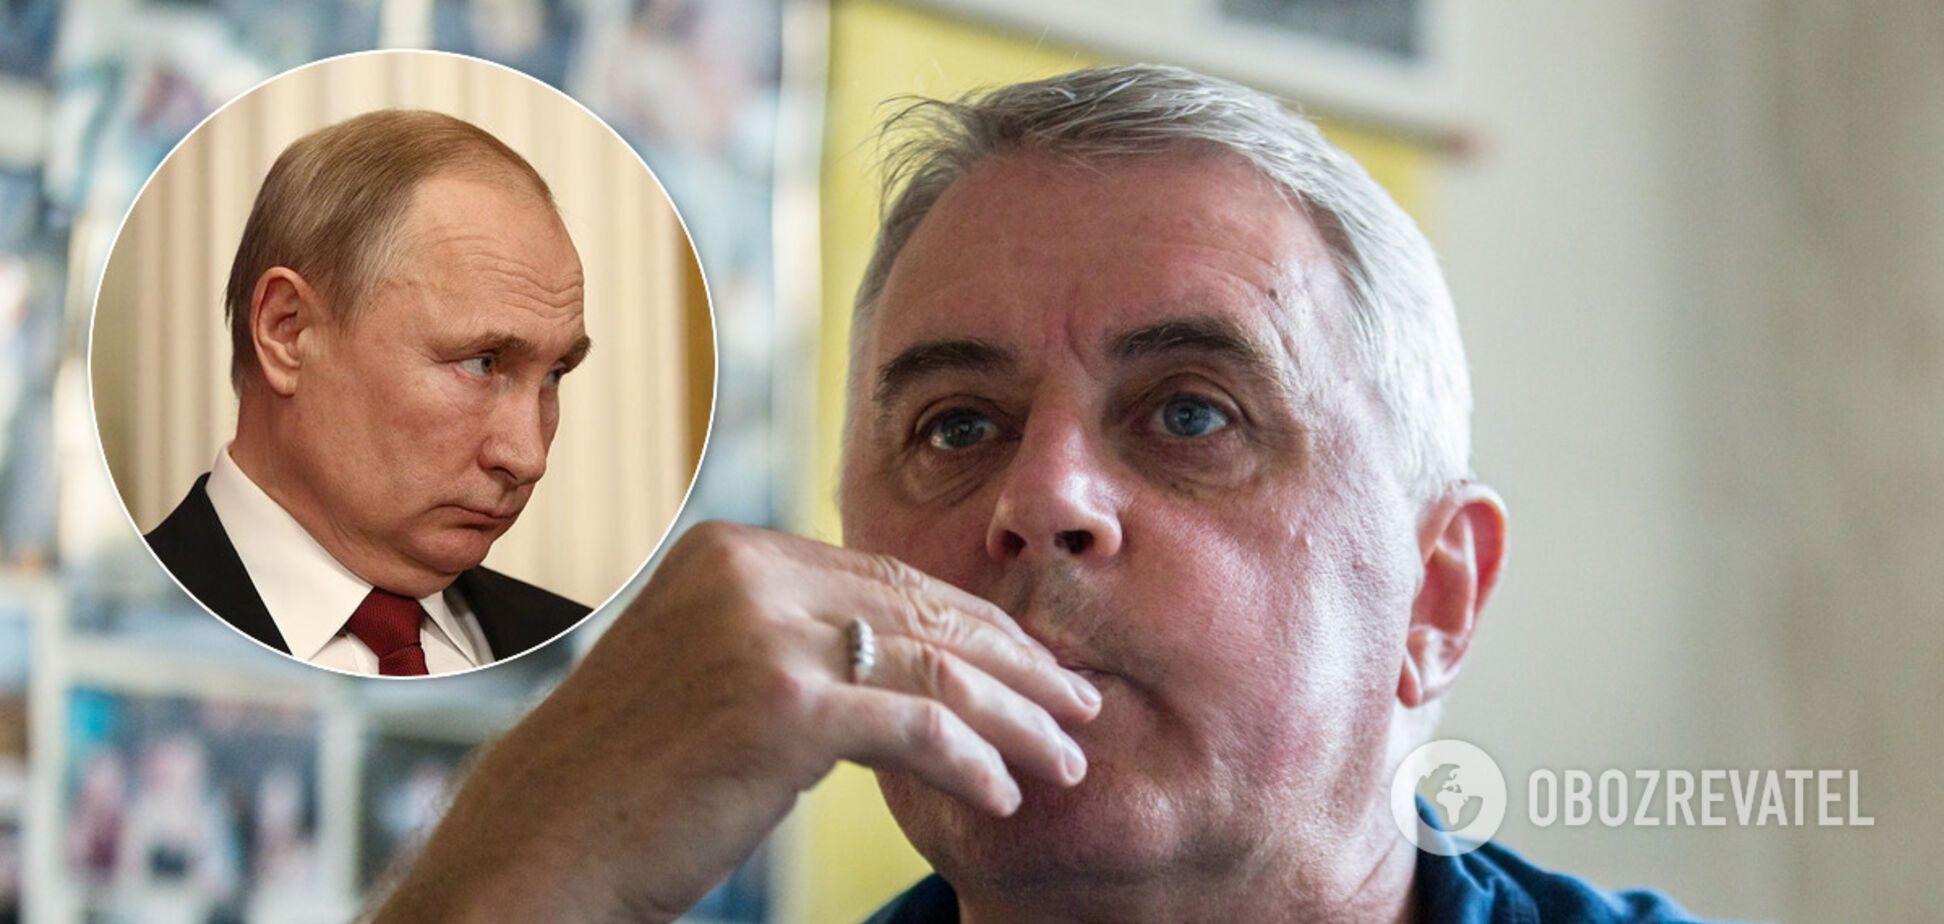 Подерв'янський: Путін не помер, у нього навіть немає двійників